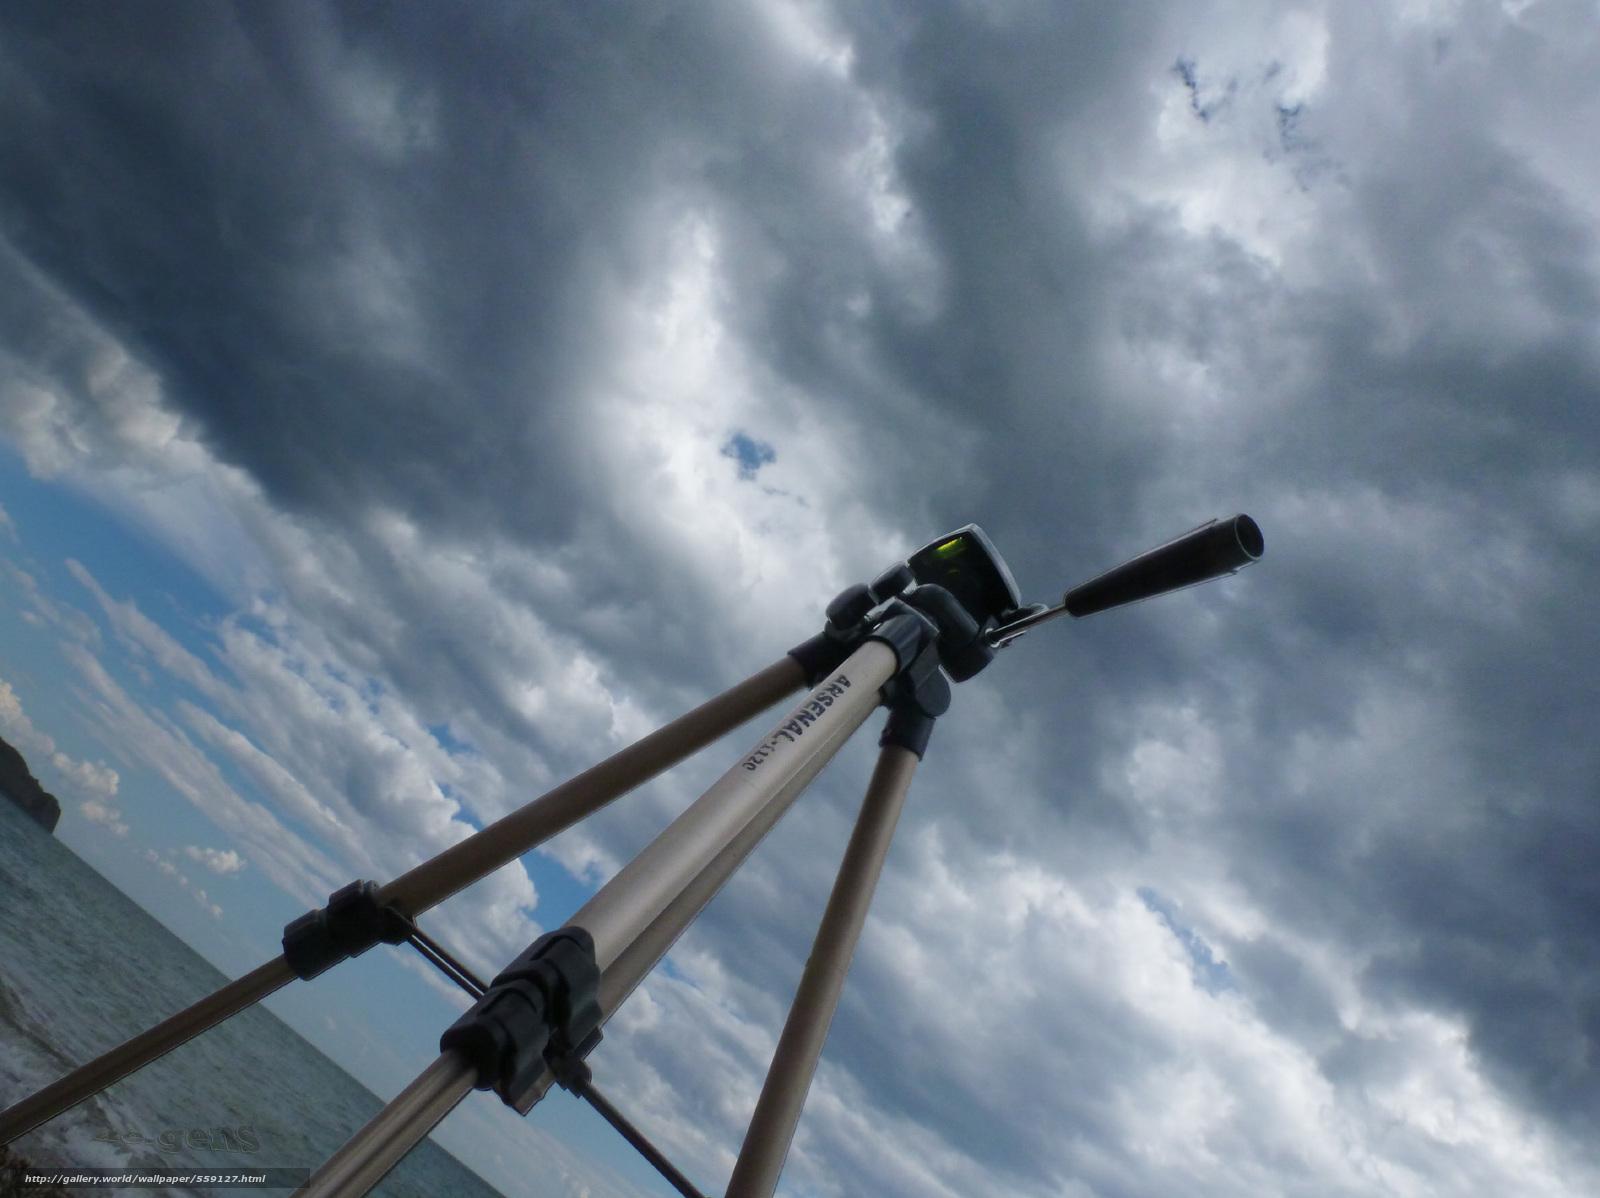 Скачать обои Коктебель,  Крым,  сентябрь,  Чёрное море бесплатно для рабочего стола в разрешении 2000x1497 — картинка №559127